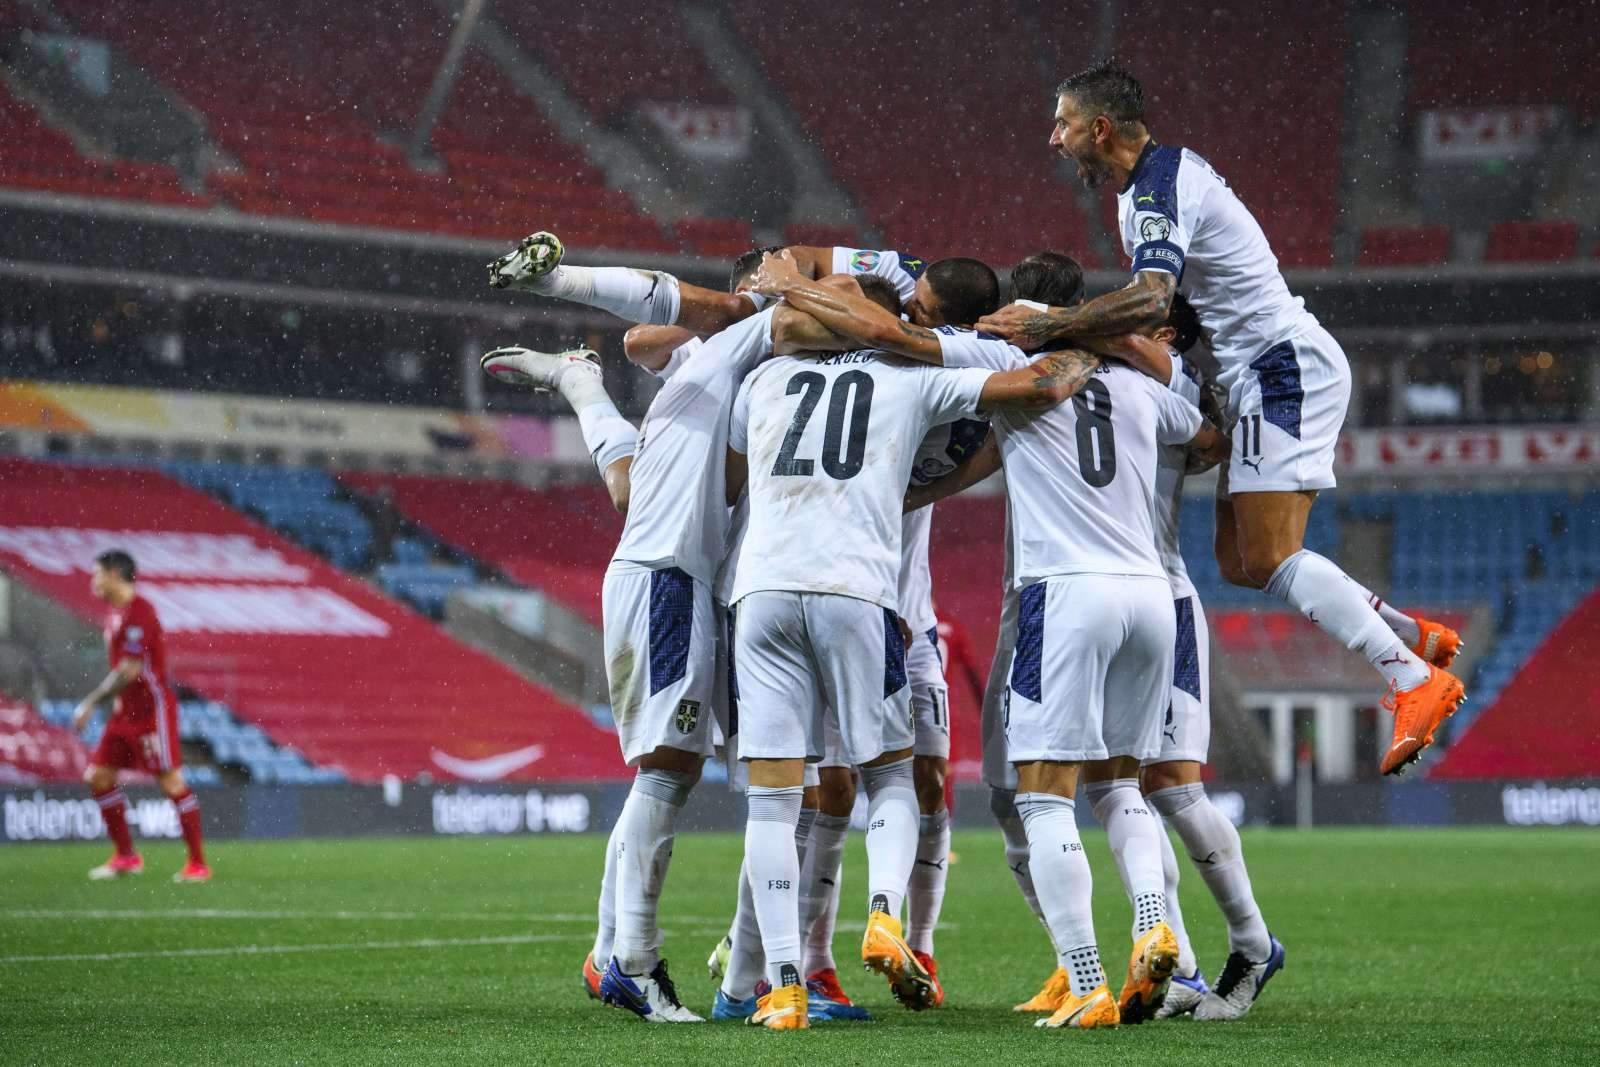 Сборная Сербии уволила тренера – в последнем матче команда обыграла Россию 5:0